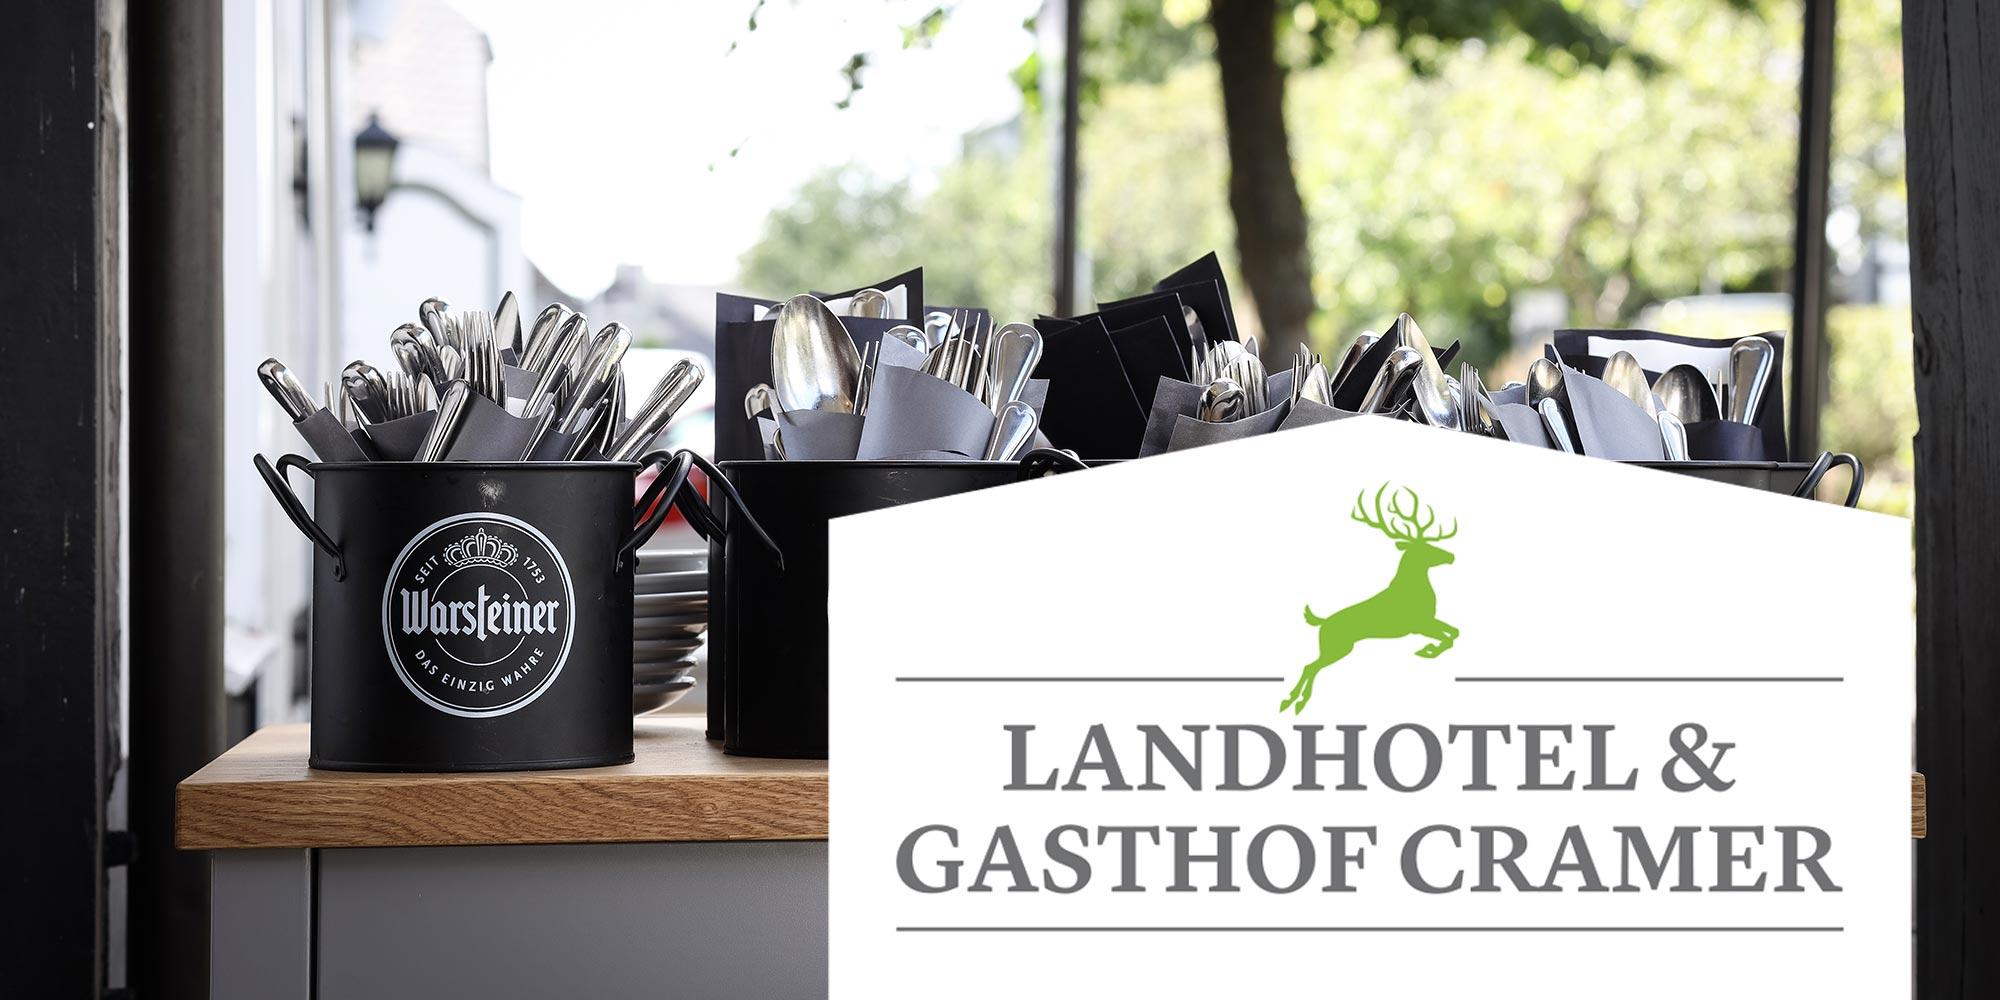 Landhotel Gasthof Cramer Jobs